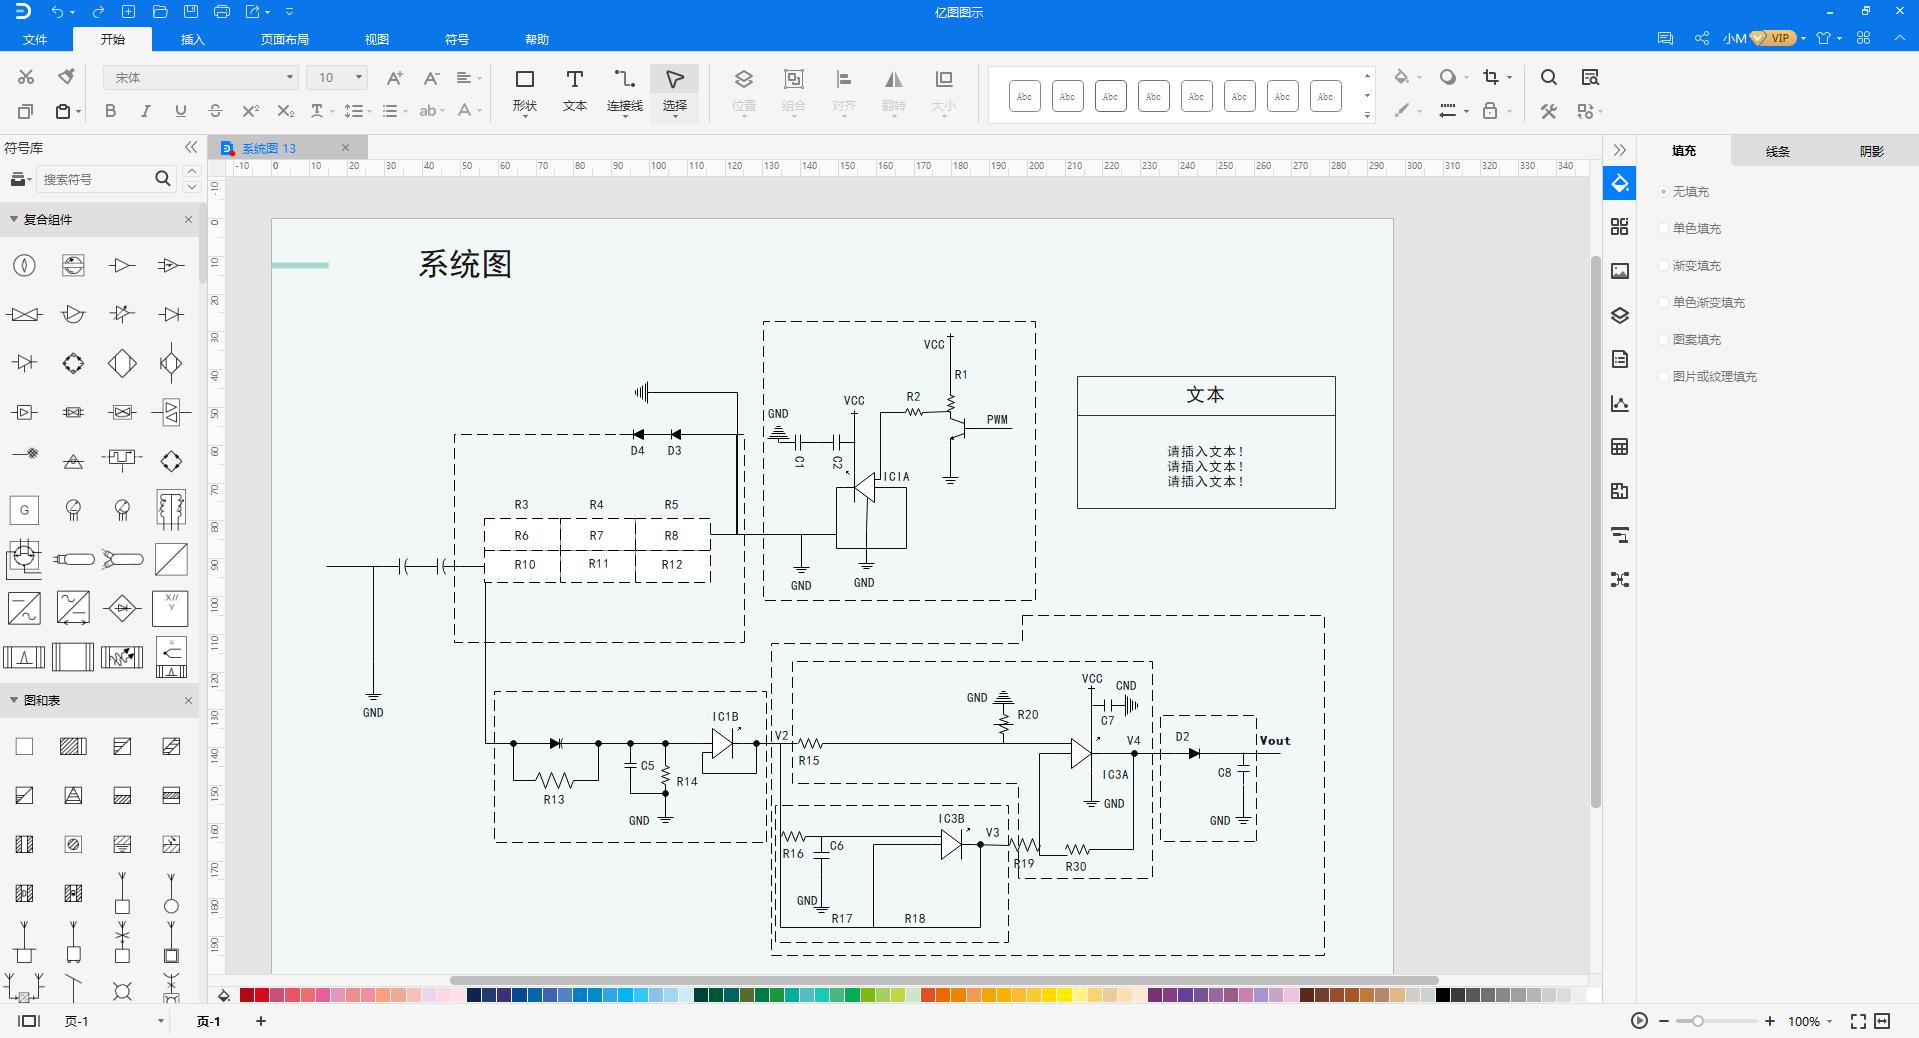 系统流程图模板